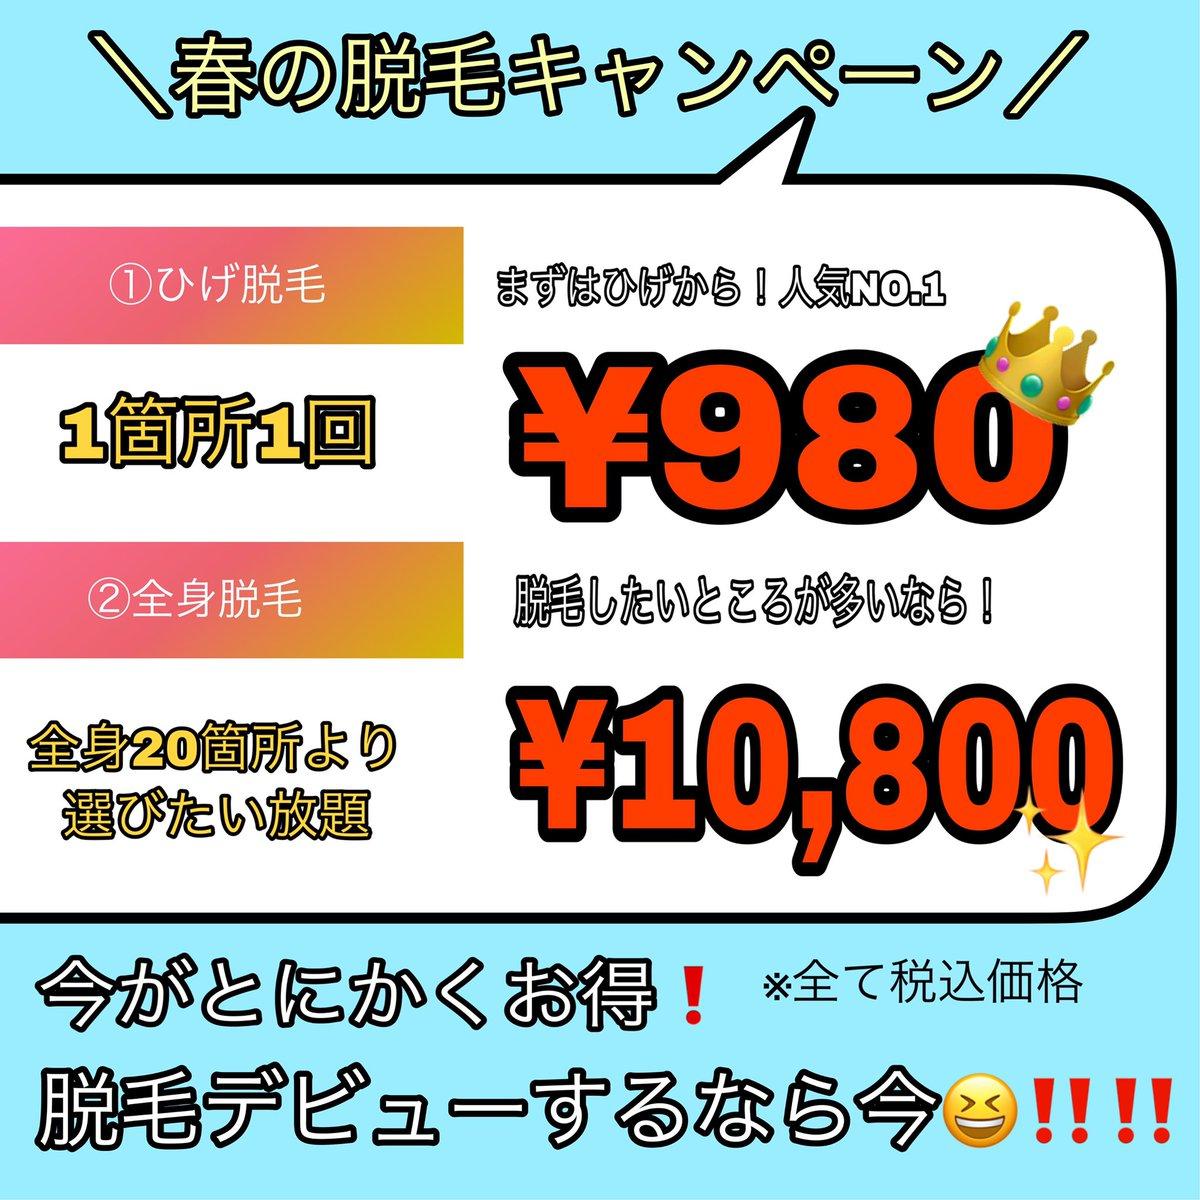 少しだけプロフィール変更♪名古屋で脱毛するなら是非当店で!◆マンツーマン施術◆夏に向けて脱毛し始める方が増えて来ています?✨ただ今全身脱毛をお得にできるキャンペーンも開催中❗️